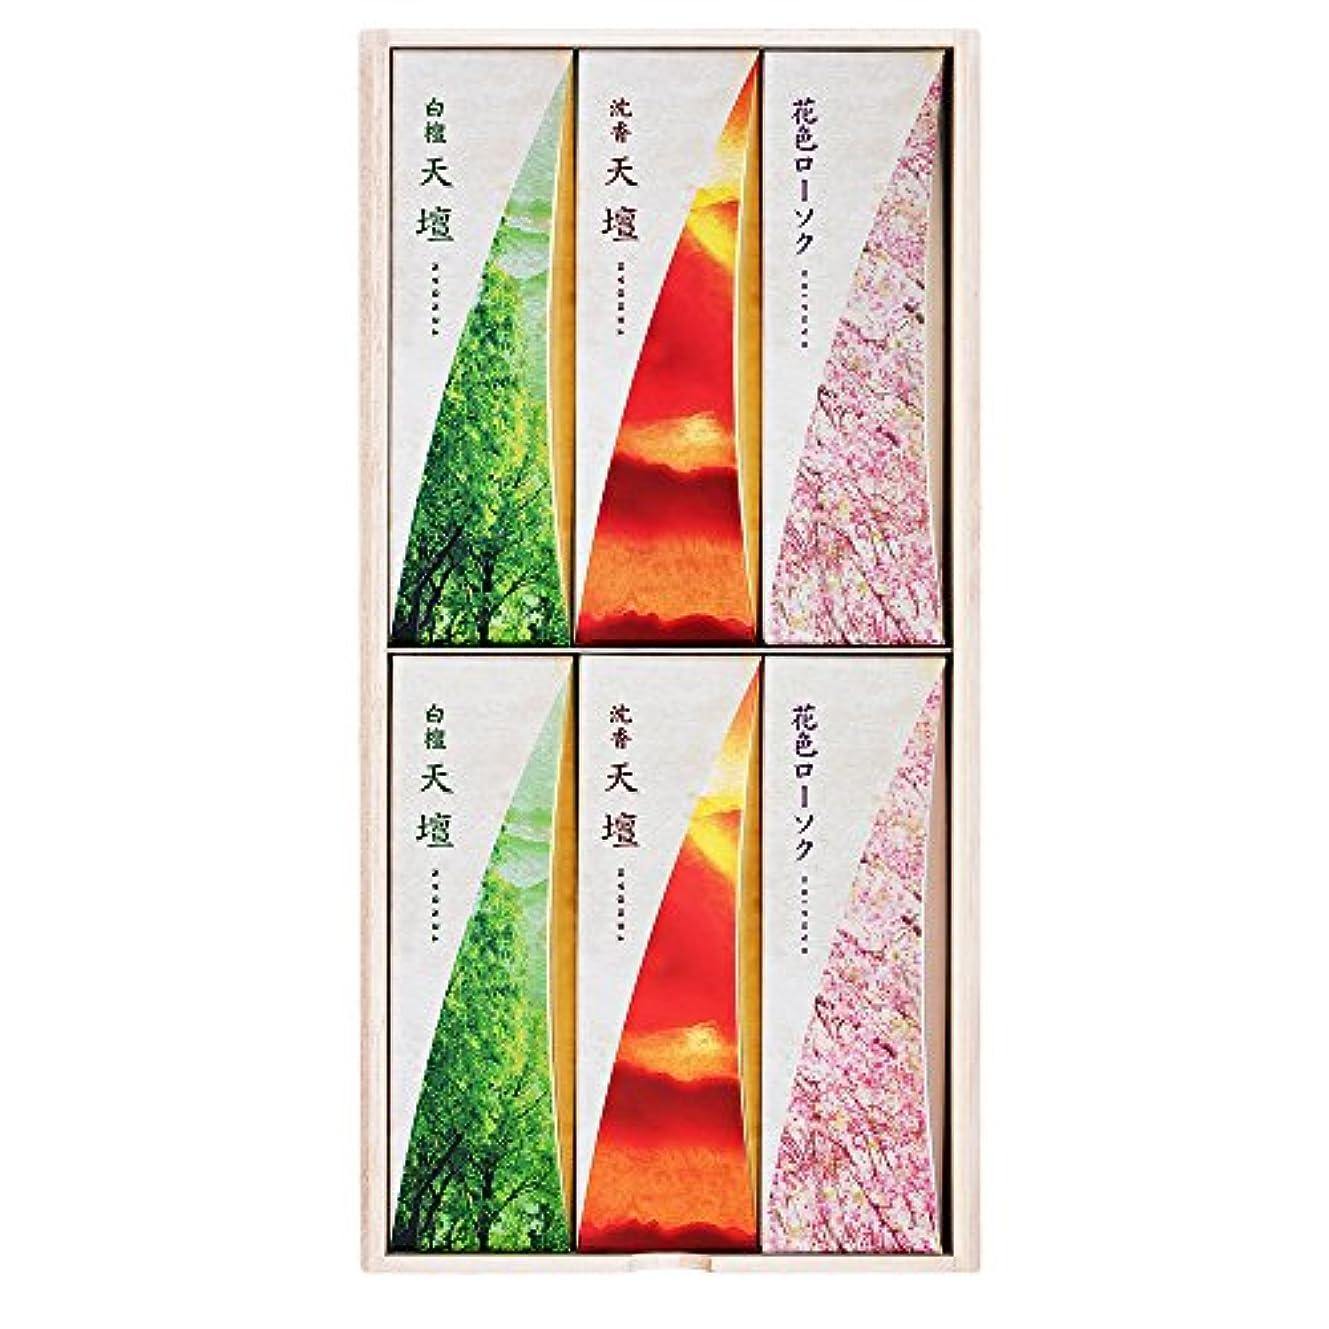 今日付属品貝殻天壇進物3000 桐箱 包装品 (白檀の香り2箱、沈香の香り2箱、花色ローソク2箱)